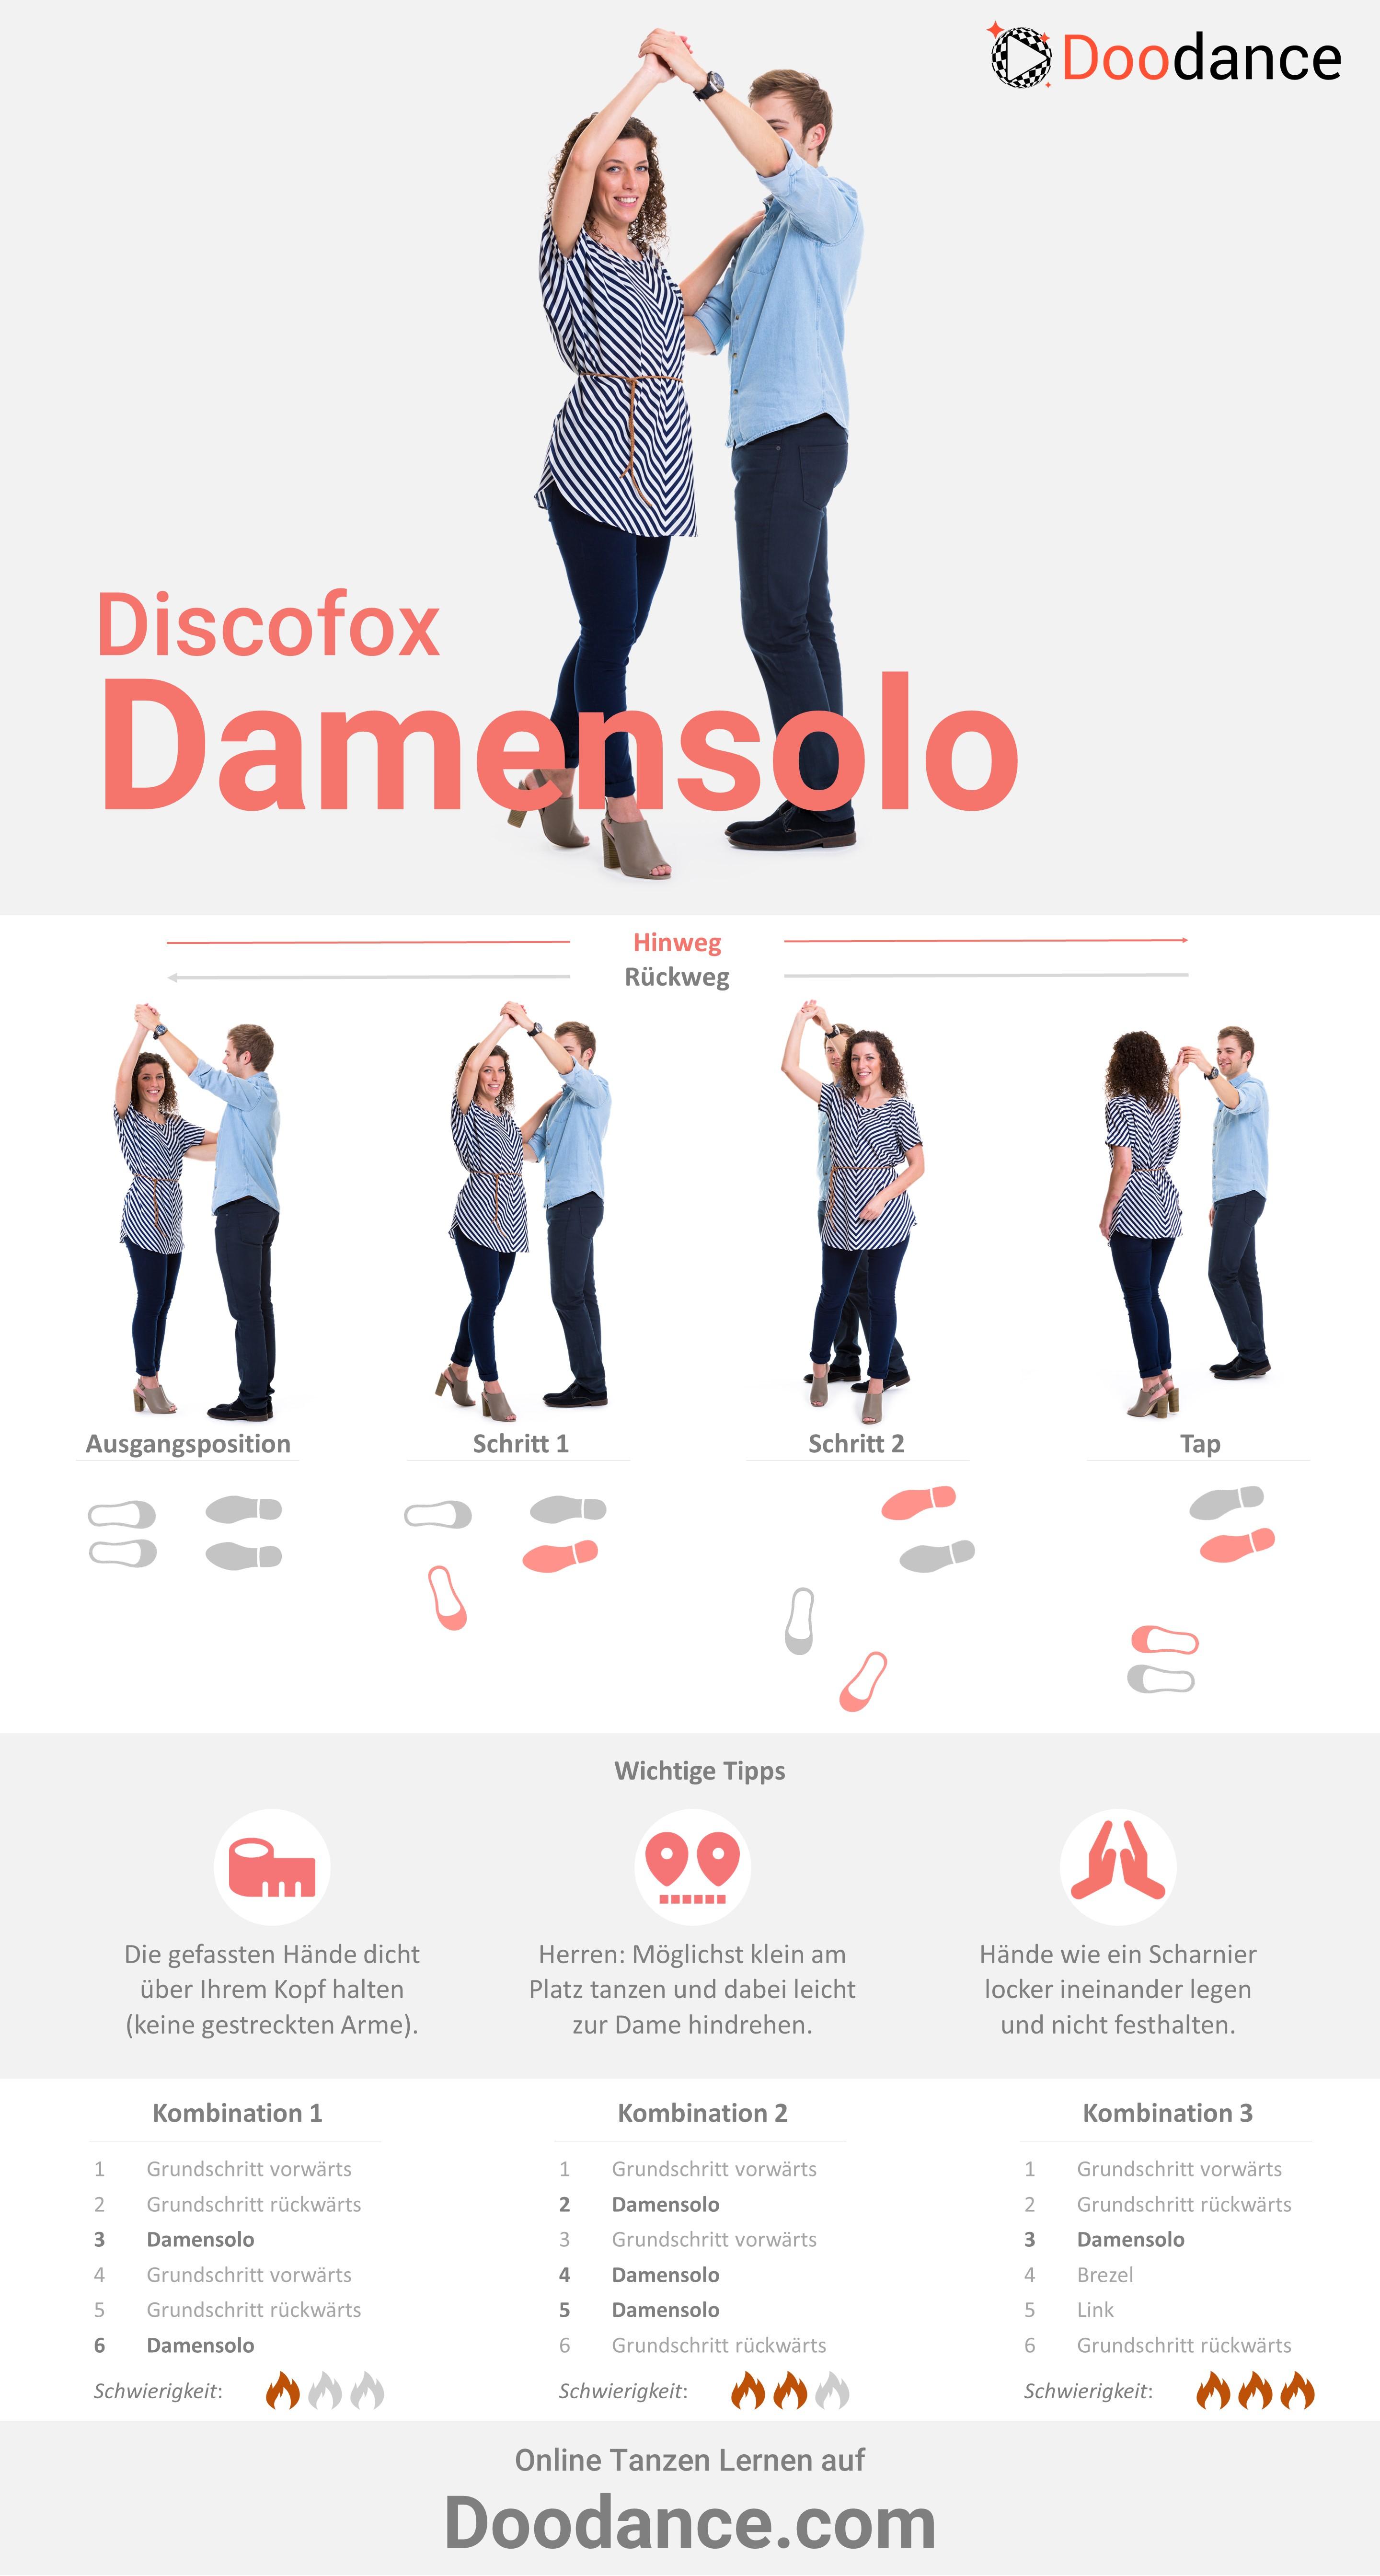 Anleitung für das Discofox-Damensolo